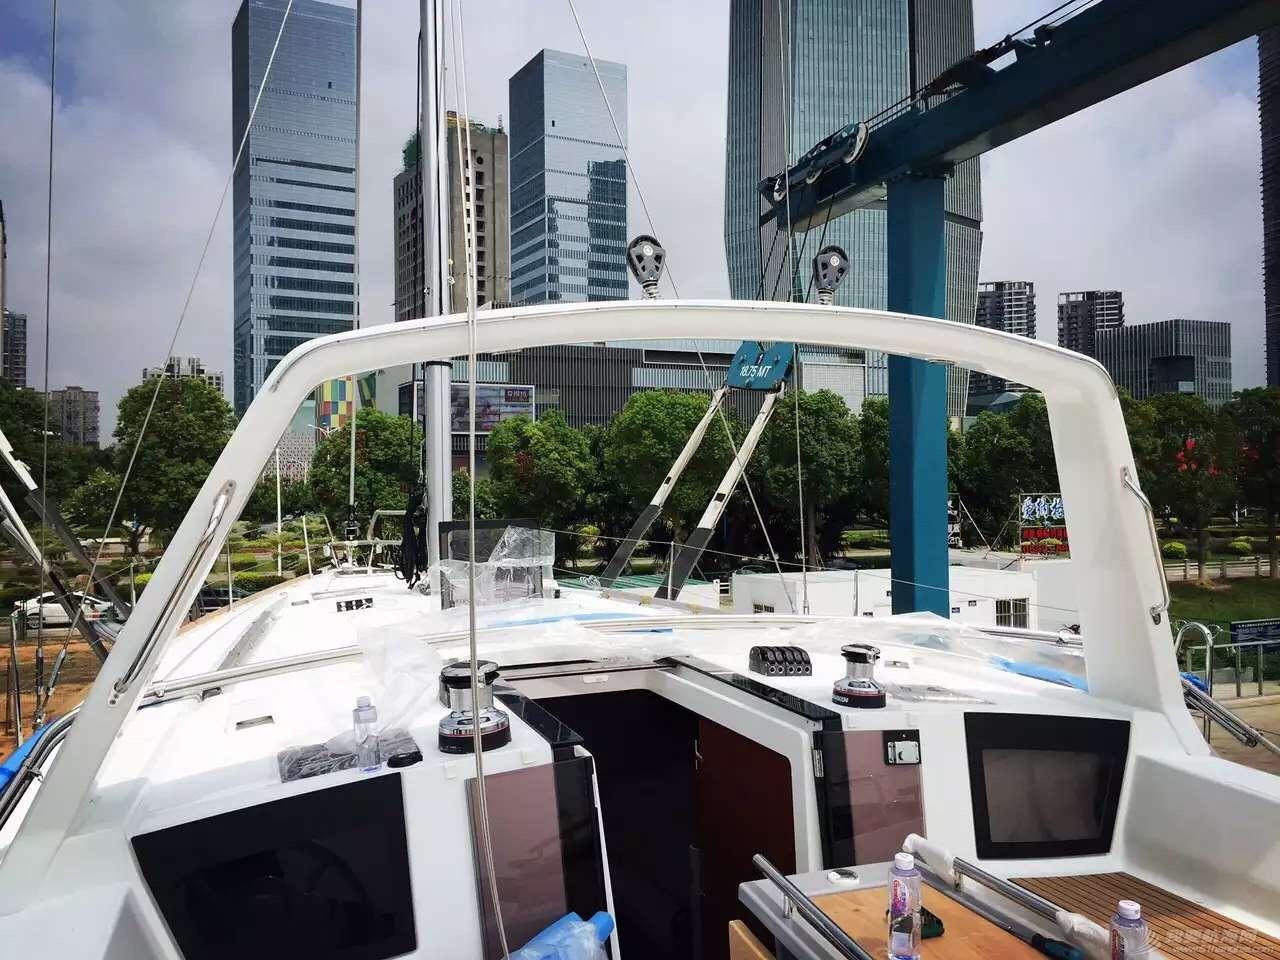 博纳多OCEANIS 45现船到港,静候未来的主人。 645891839573560113.jpg